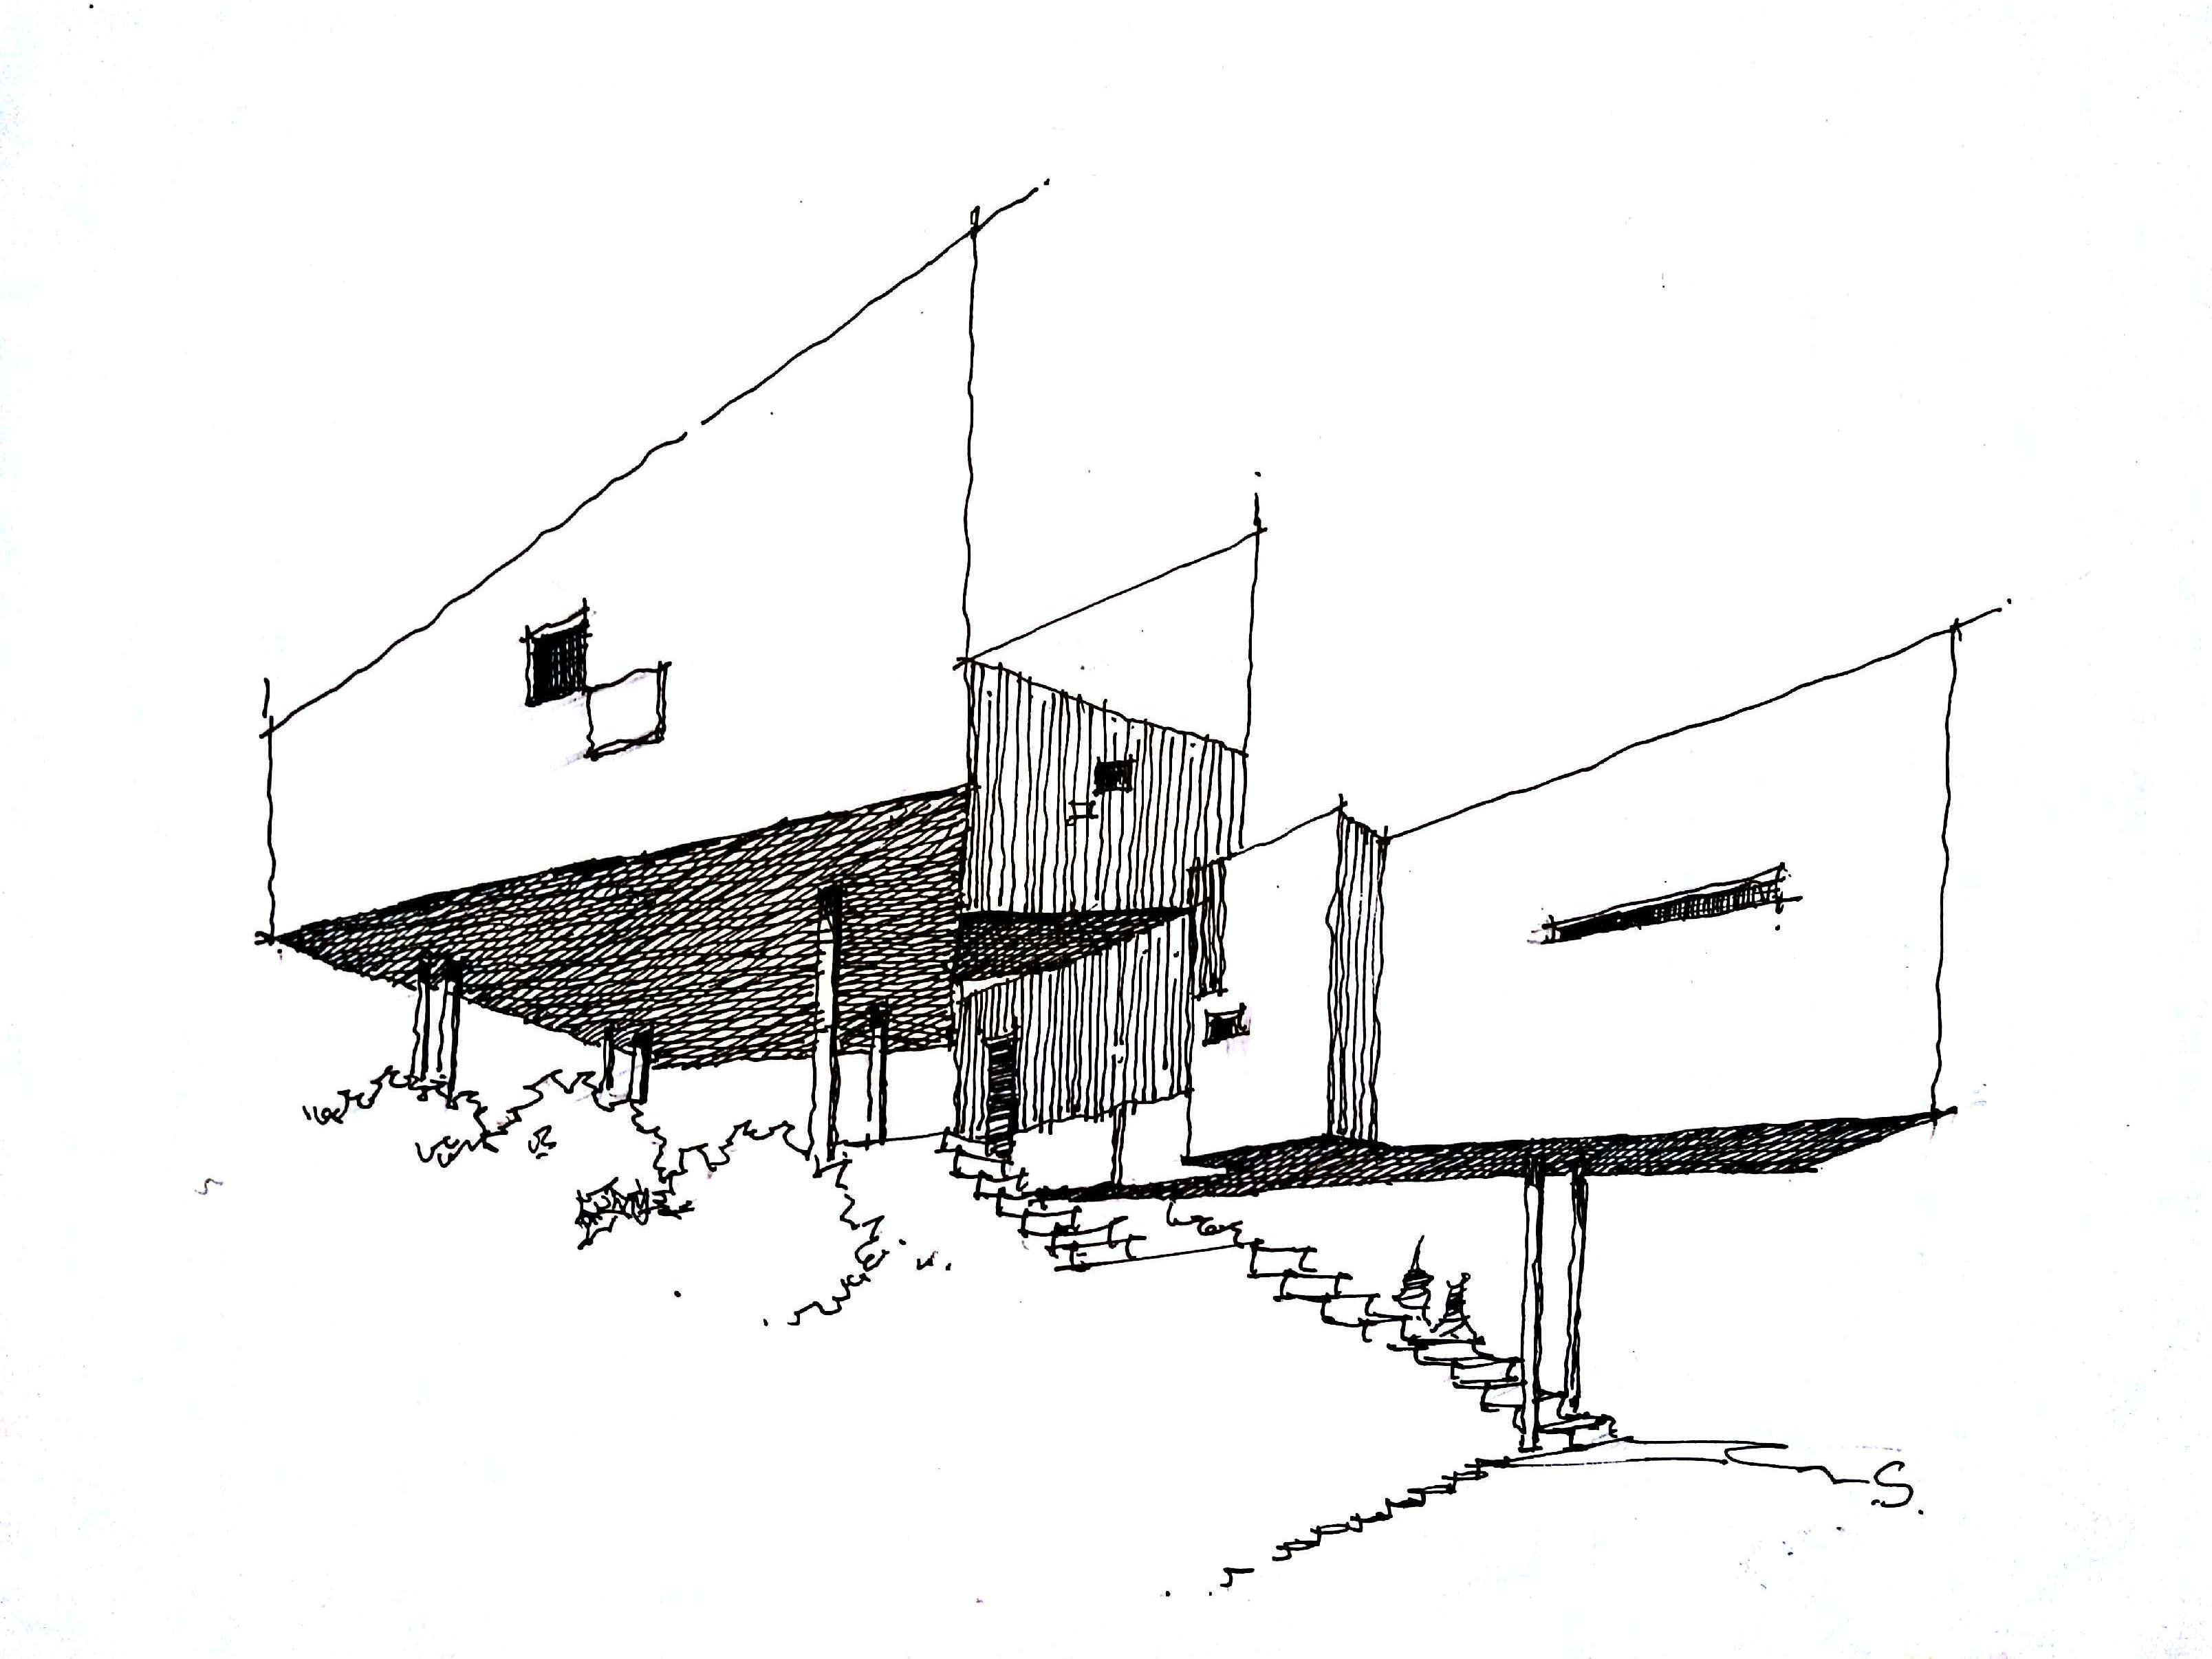 建筑/室内手绘|空间|室内设计|黑车司机在行动 - 原创